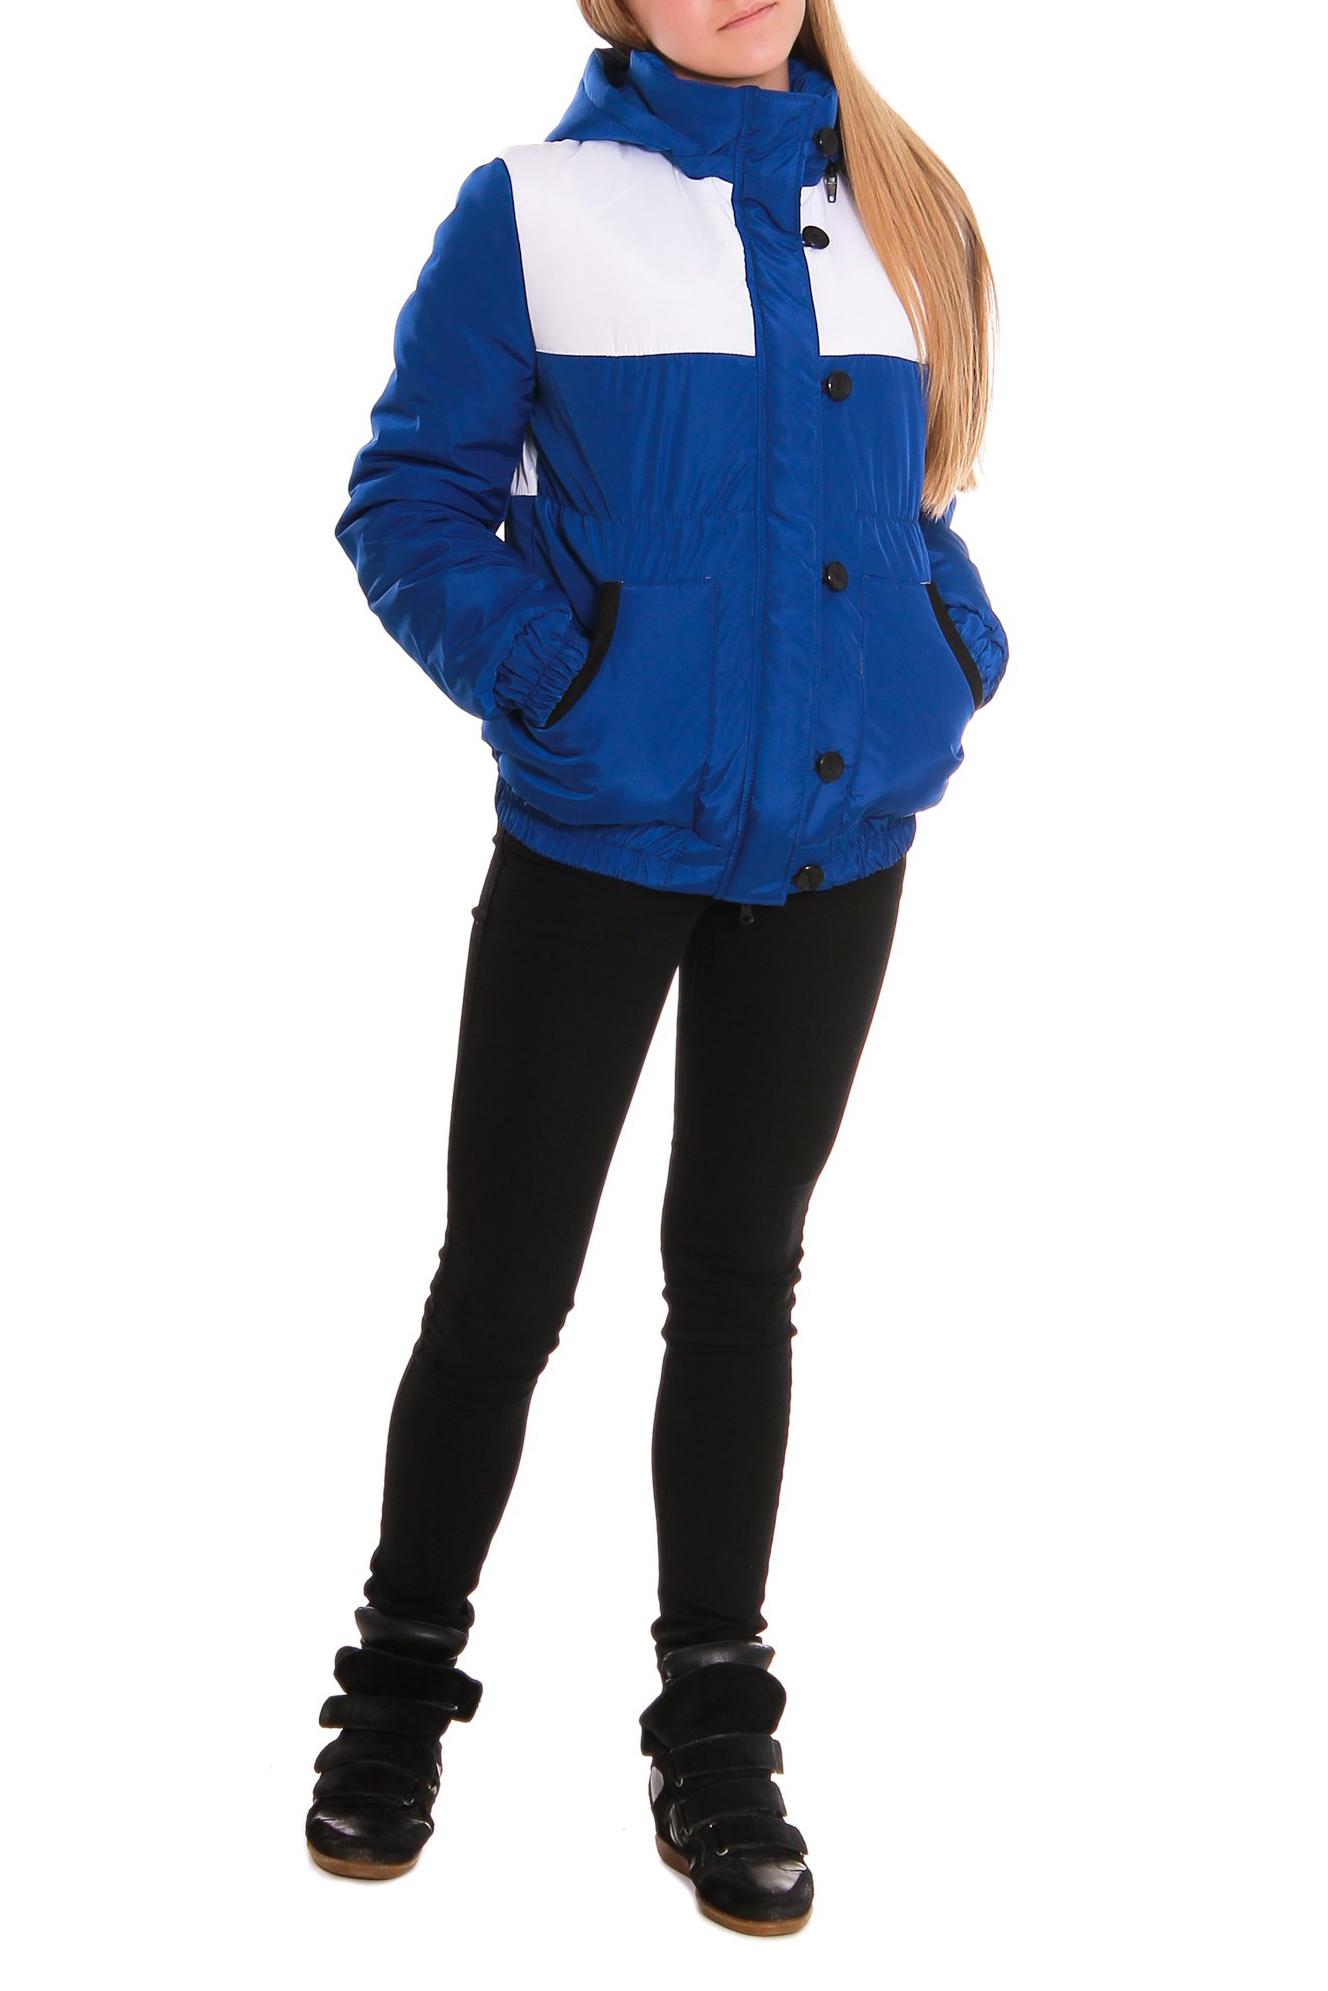 КурткаКуртки<br>Куртка прямого силуэта с кокетками на передней и задней частях изделия. Накладные карманы, вход окантован. Застежка на молнию, с планкой и пуговицами. Низ изделия и рукава на резинке. Капюшон на разъемной молнии, Воротник quot;стойкаquot;. Рукав втачной, двушовный.  Утеплитель - Termofinn – это новый продукт текстильной промышленности на российском рынке, как результат качественного совмещения финских технологий с отечественным производством.  Termofinn - очень мягкий и теплый, эффективен при низких температурах, быстро высыхает, отлично сохраняет форму после стирки, экологичный и безопасный.  Длина рукава - 62 см  Длина изделия - 66 ± 2 см<br><br>Воротник: Стойка<br>По длине: Короткие<br>По материалу: Плащевая ткань<br>По рисунку: Цветные<br>По сезону: Весна,Осень<br>По элементам: С воротником,С декором,С капюшоном,С карманами,С манжетами<br>Рукав: Длинный рукав<br>По стилю: Молодежный стиль,Повседневный стиль<br>Застежка: С молнией<br>Размер : 44,46,48,50<br>Материал: Плащевая ткань<br>Количество в наличии: 7